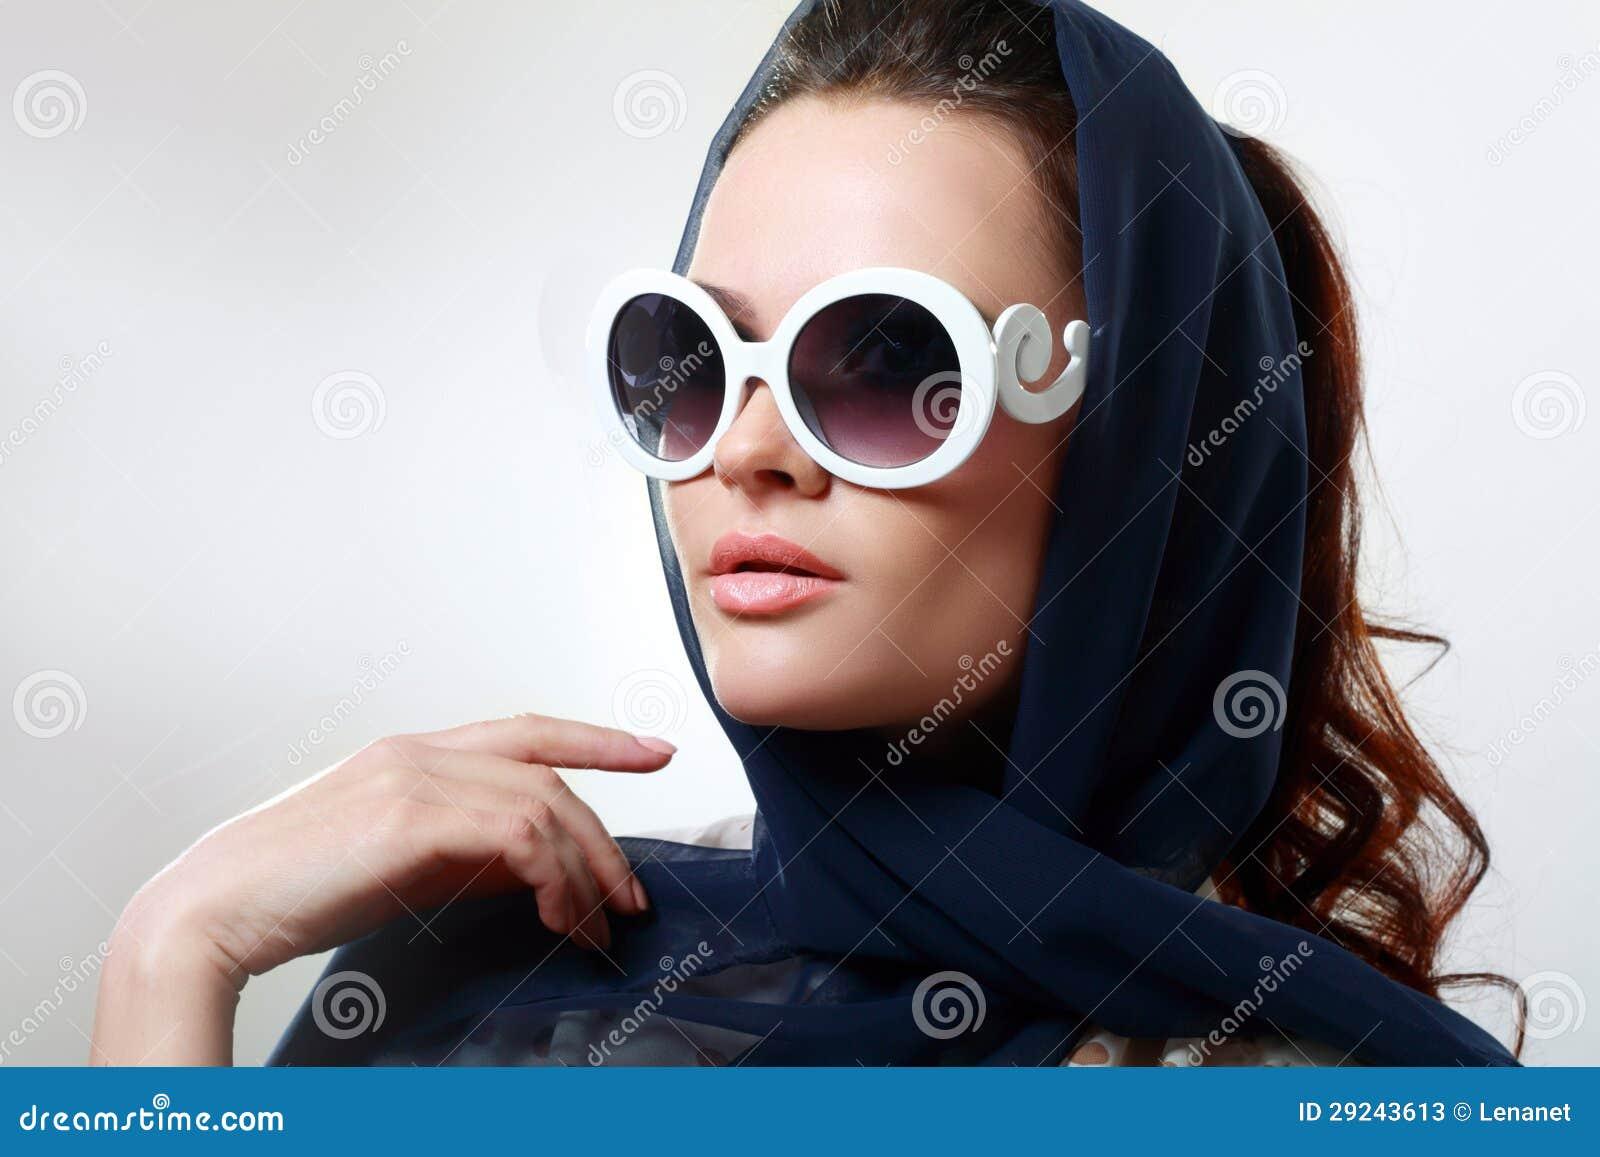 Авито очки авиаторы